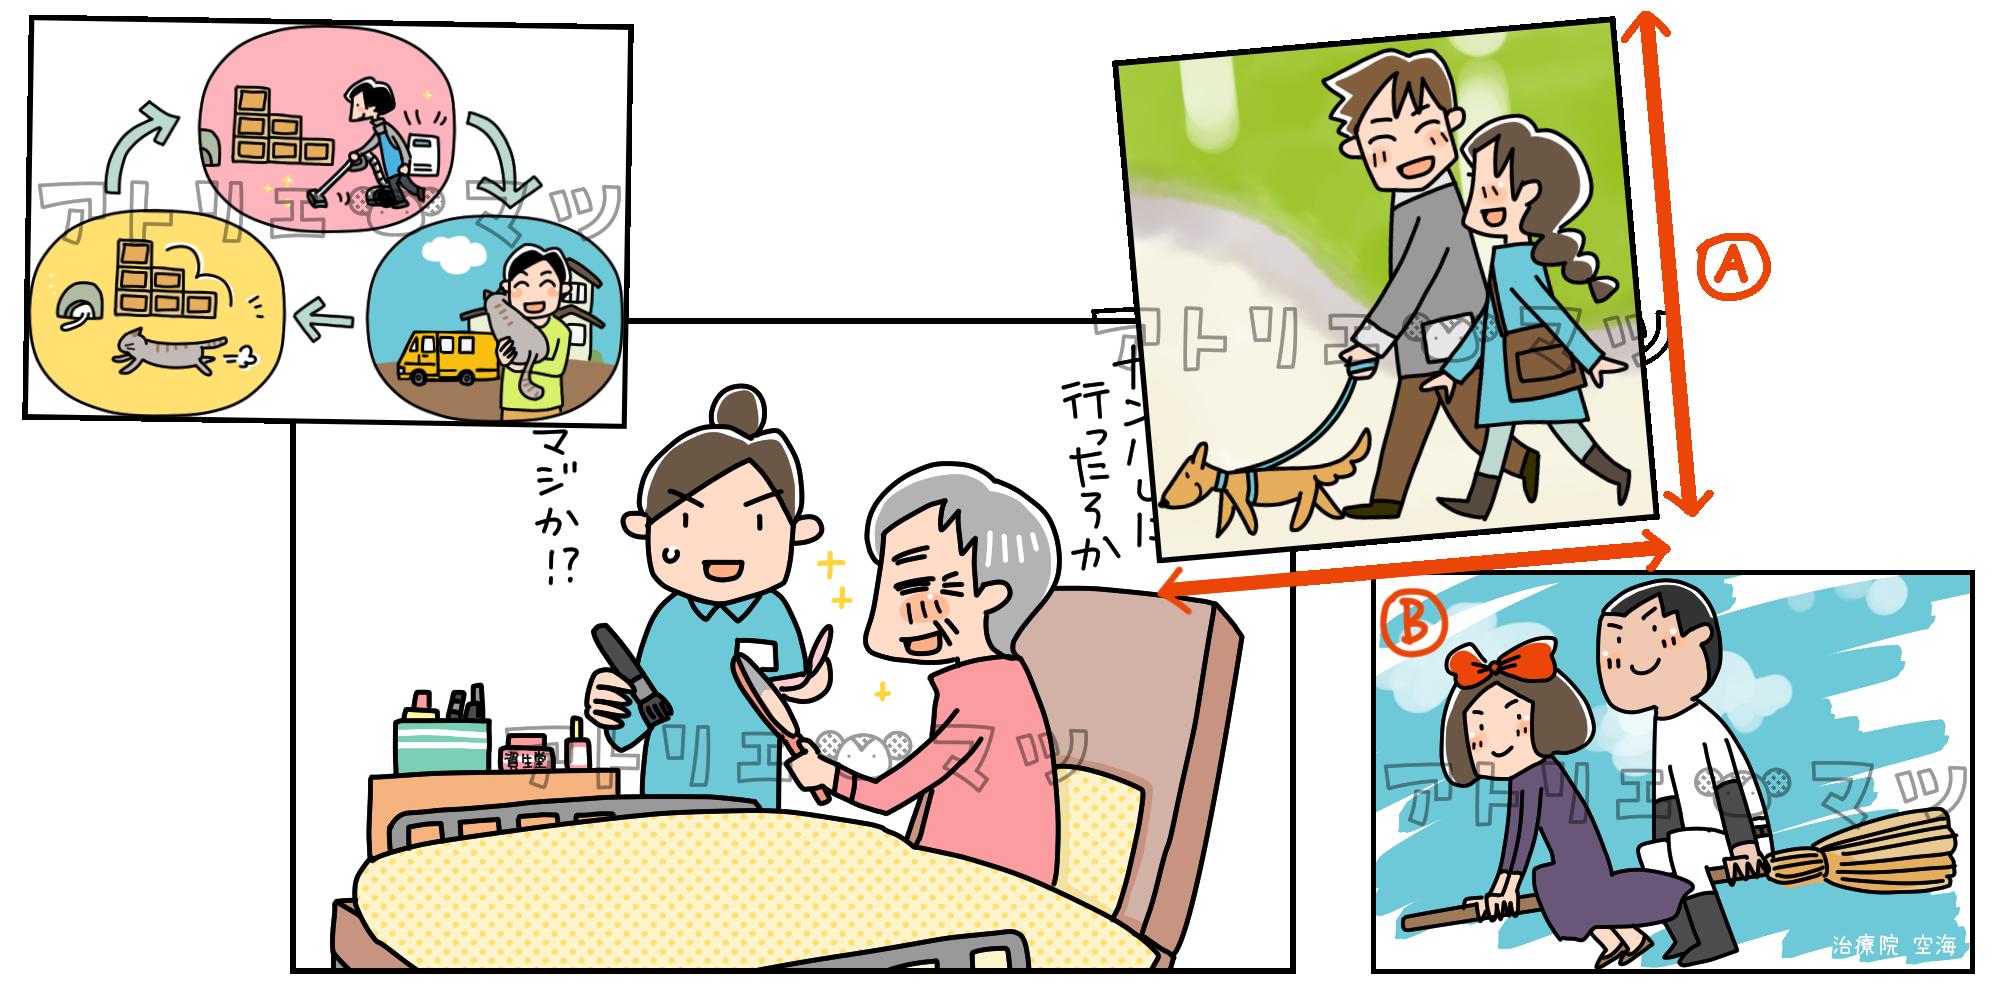 【サービス一覧】カットイラスト